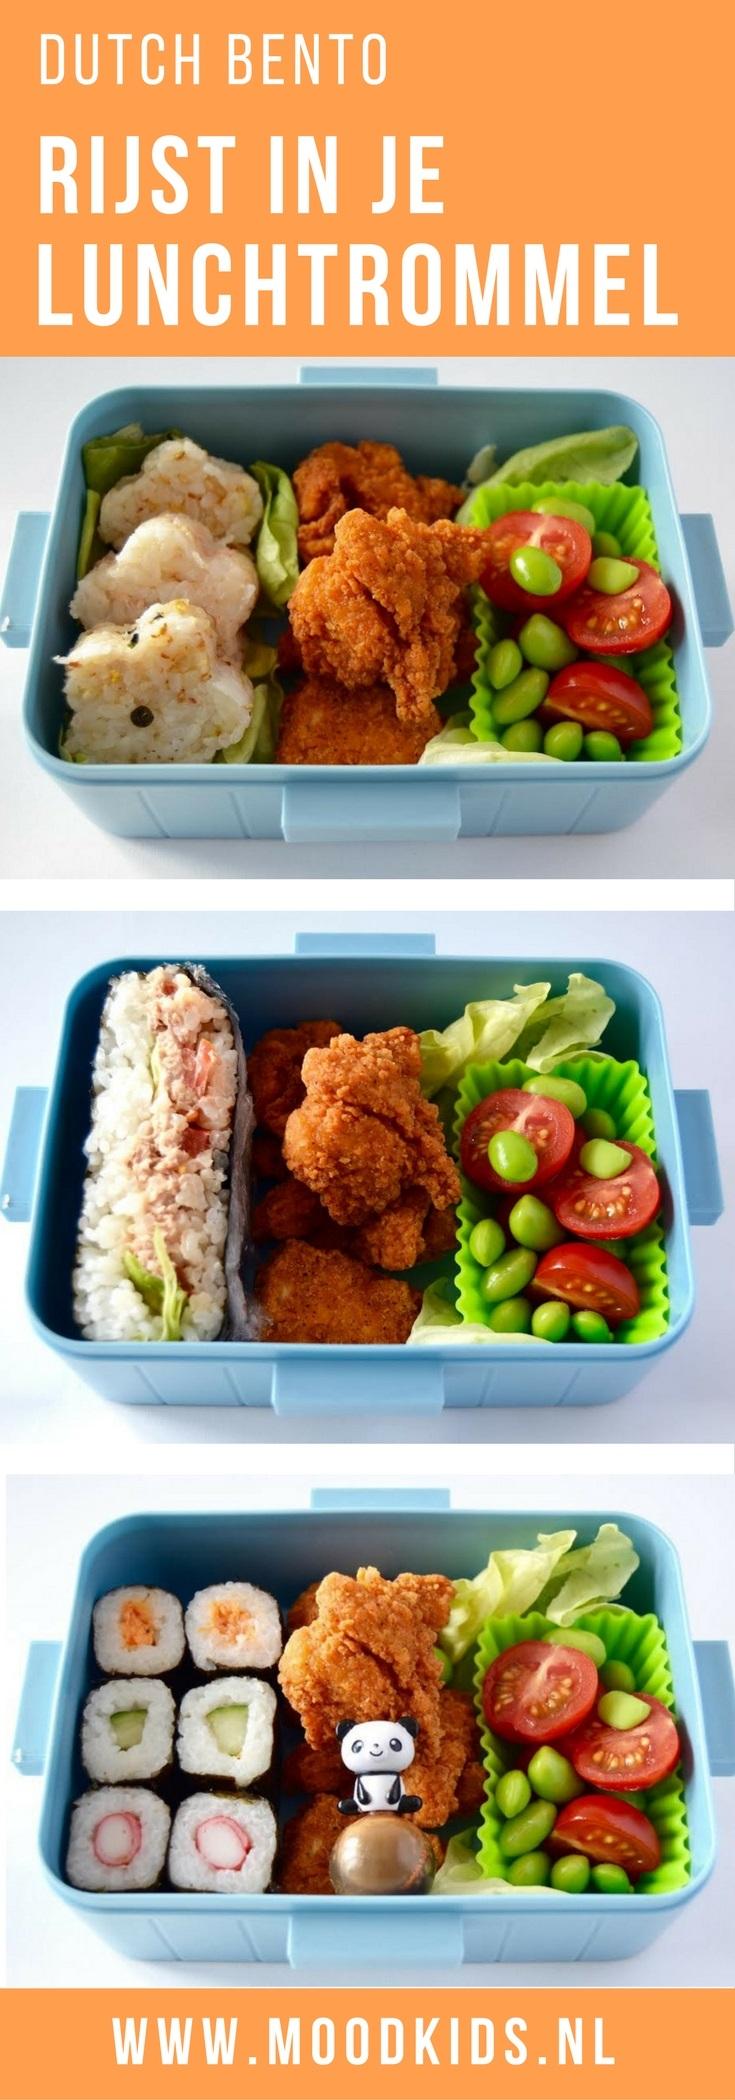 Er zijn kinderen die geen brood lusten of er allergisch voor zijn. Dan kan een rijst bento lunchtrommel bieden. Roppongi heeft 3 tips. #dutchbento